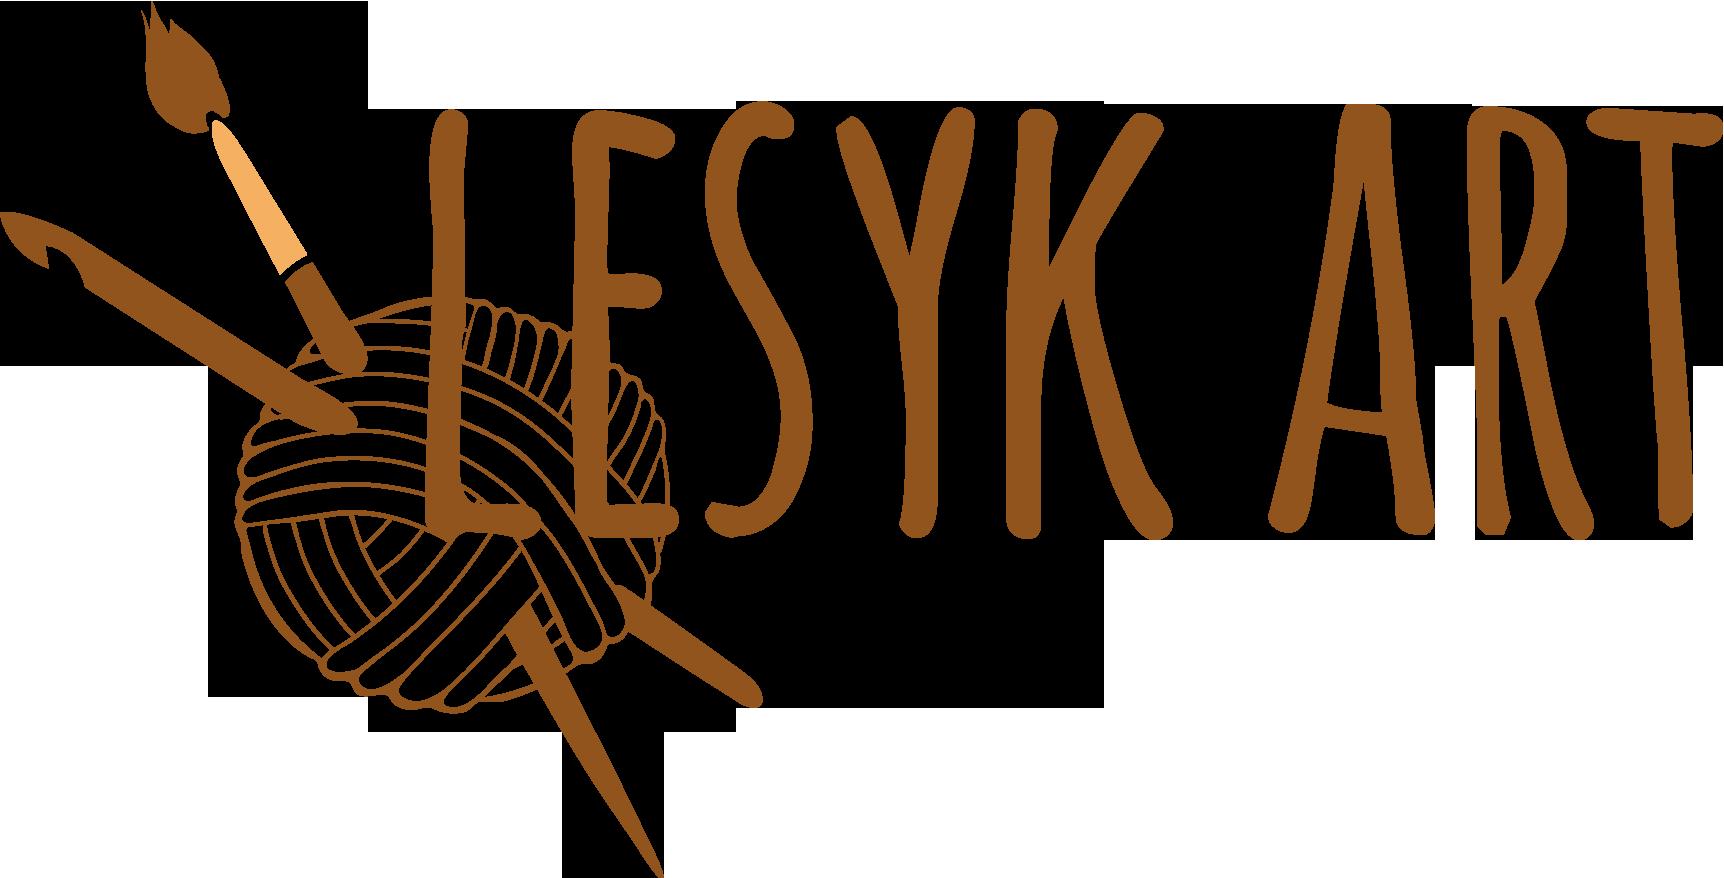 LesykArt